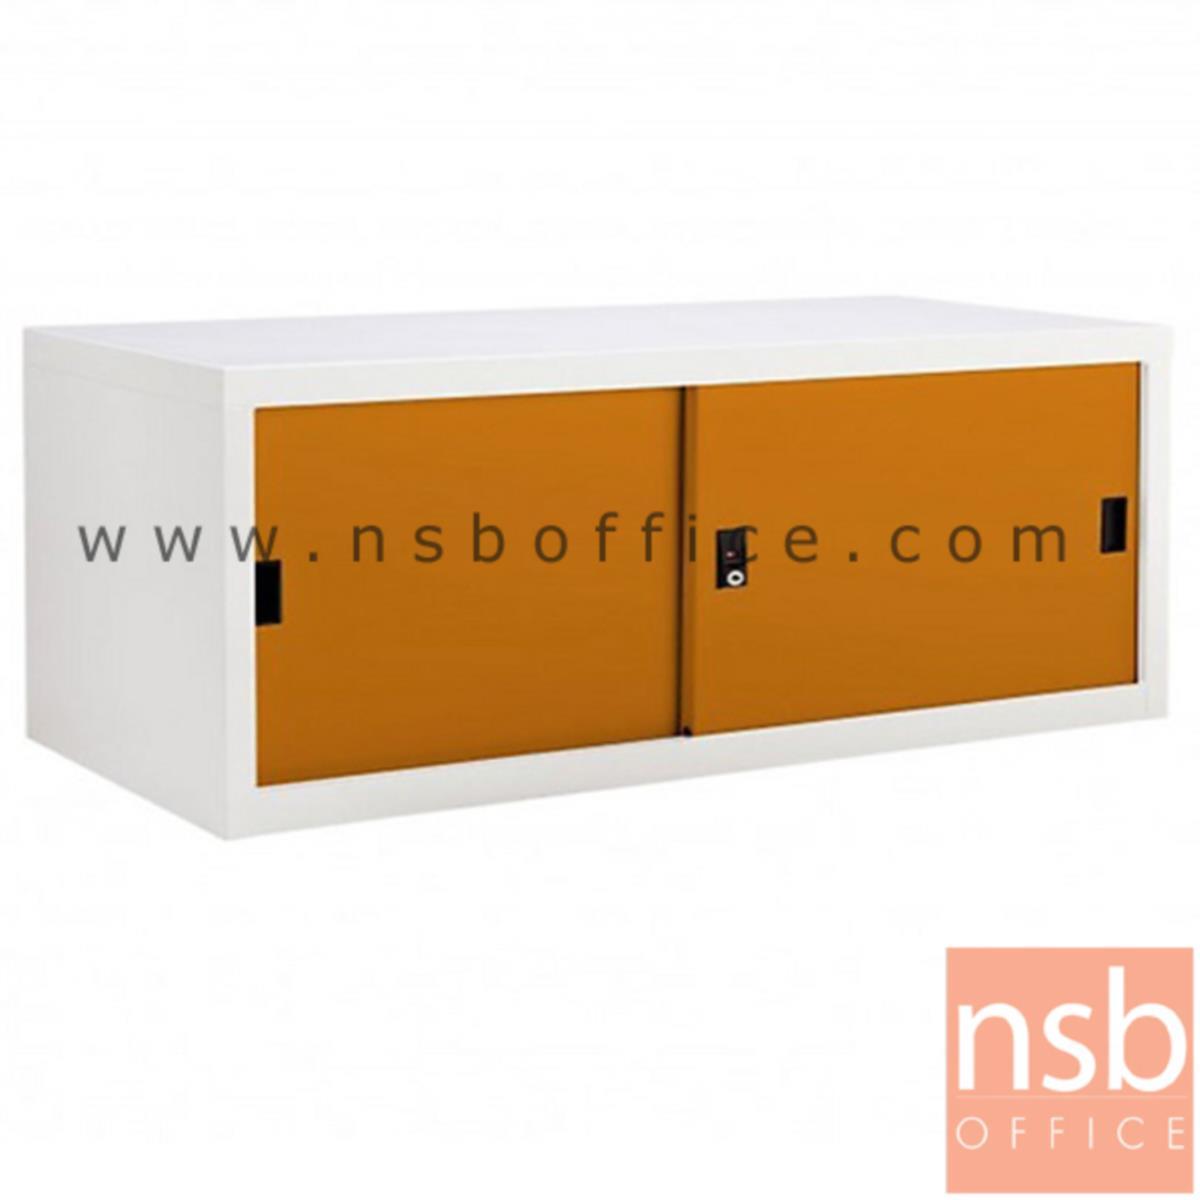 ตู้เหล็กบานเลื่อนทึบเตี้ย 3 ฟุต หน้าสีสัน สีขาวครีม 88W*40.7D*44H cm รุ่น USB-1